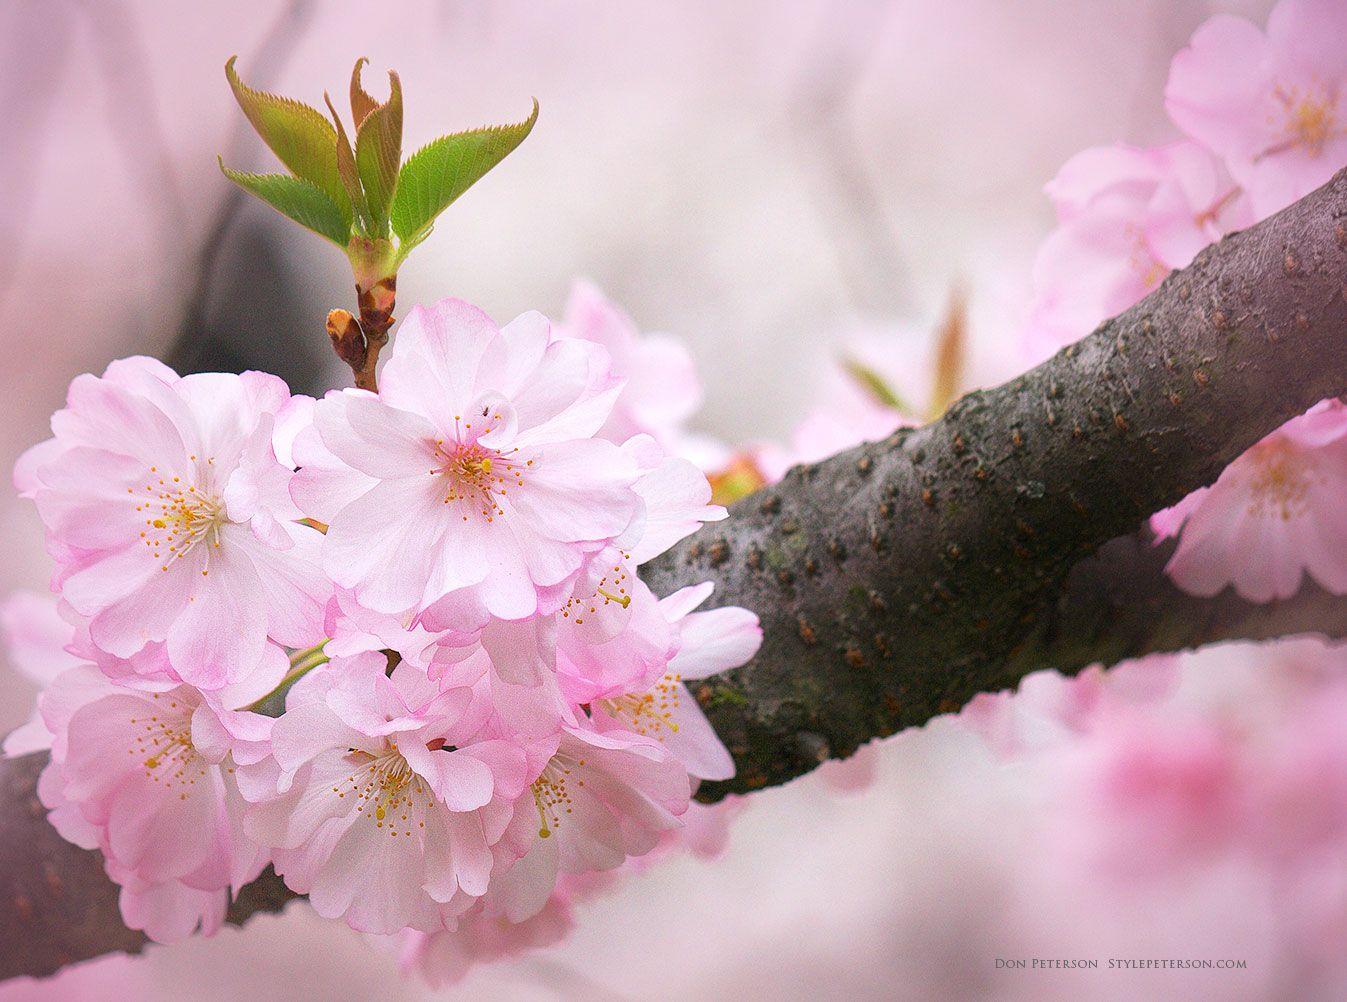 Branch Brook Park Cherry Blossom Festival 2020 Splurgefrugal Com Cherry Blossom Festival Cherry Blossom Cherry Blossom Tree